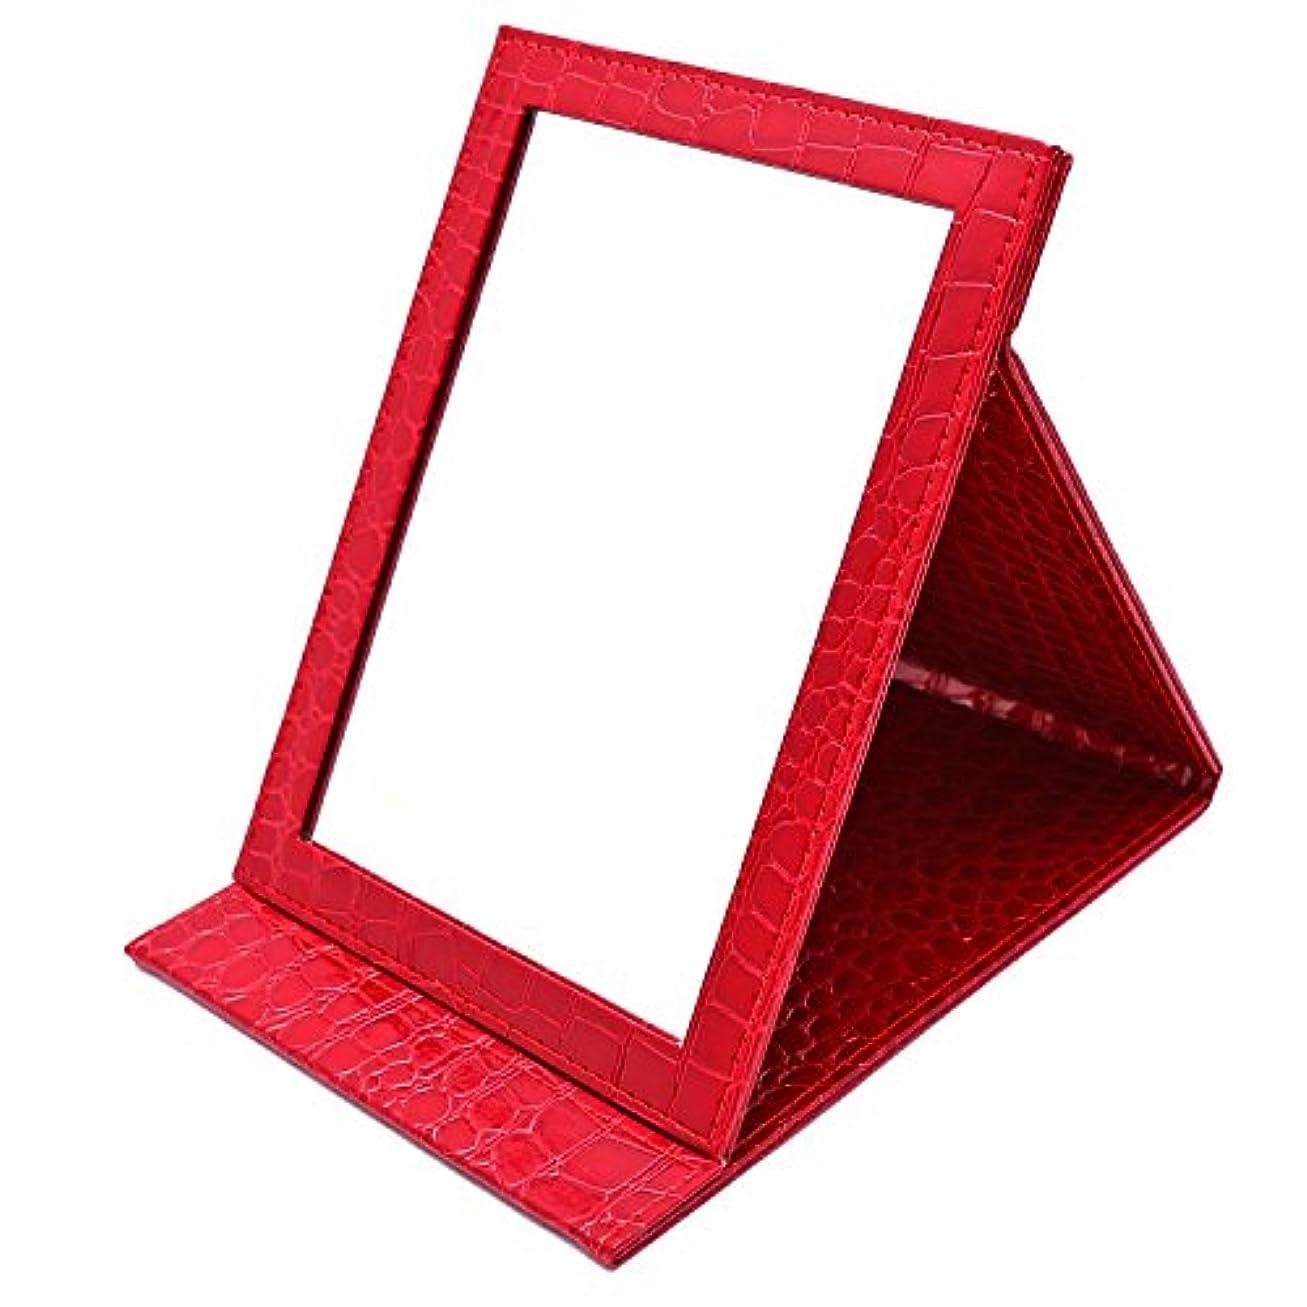 動かない男らしい好奇心盛nakira 大きめ 折りたたみミラー 携帯 鏡 エナメル調 クロコ柄 (レッド)